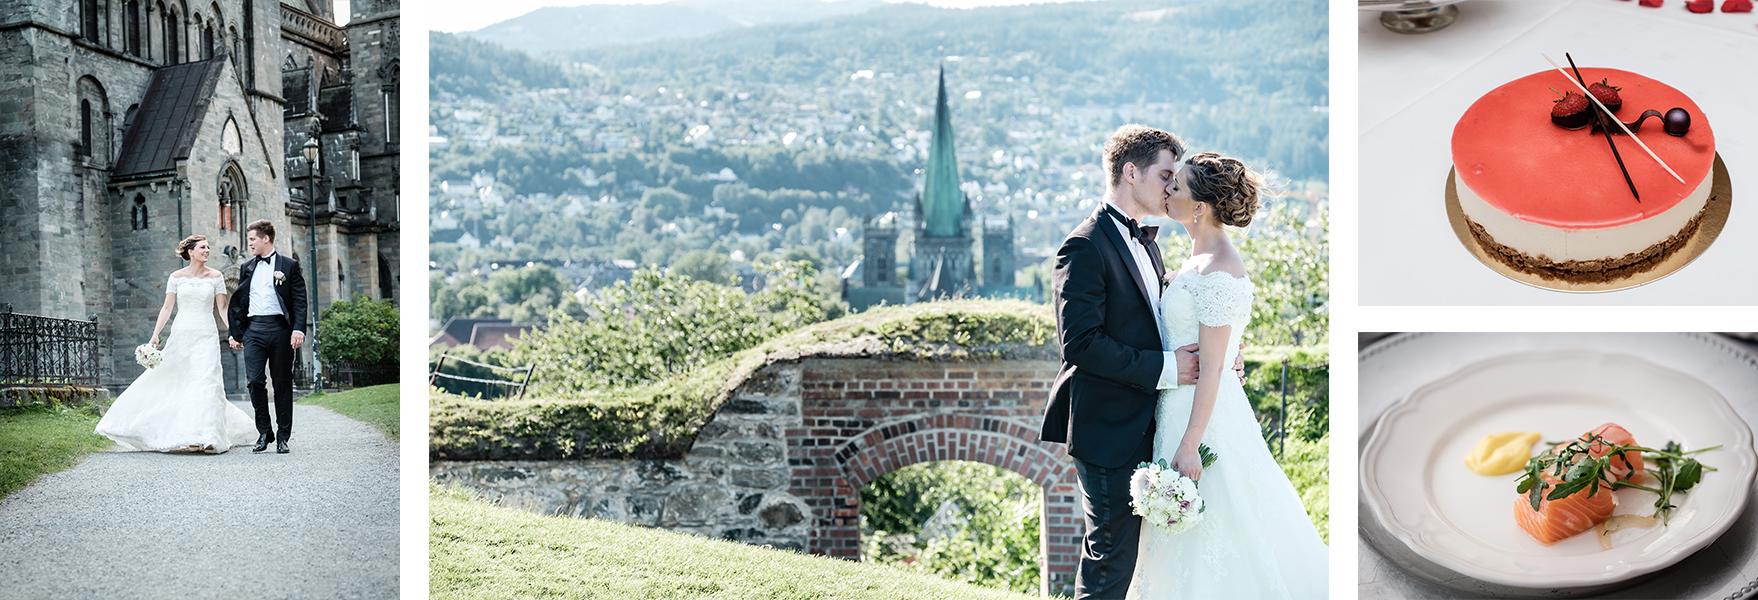 a6482ad1 Real-Life Wedding – Linda & Haakon